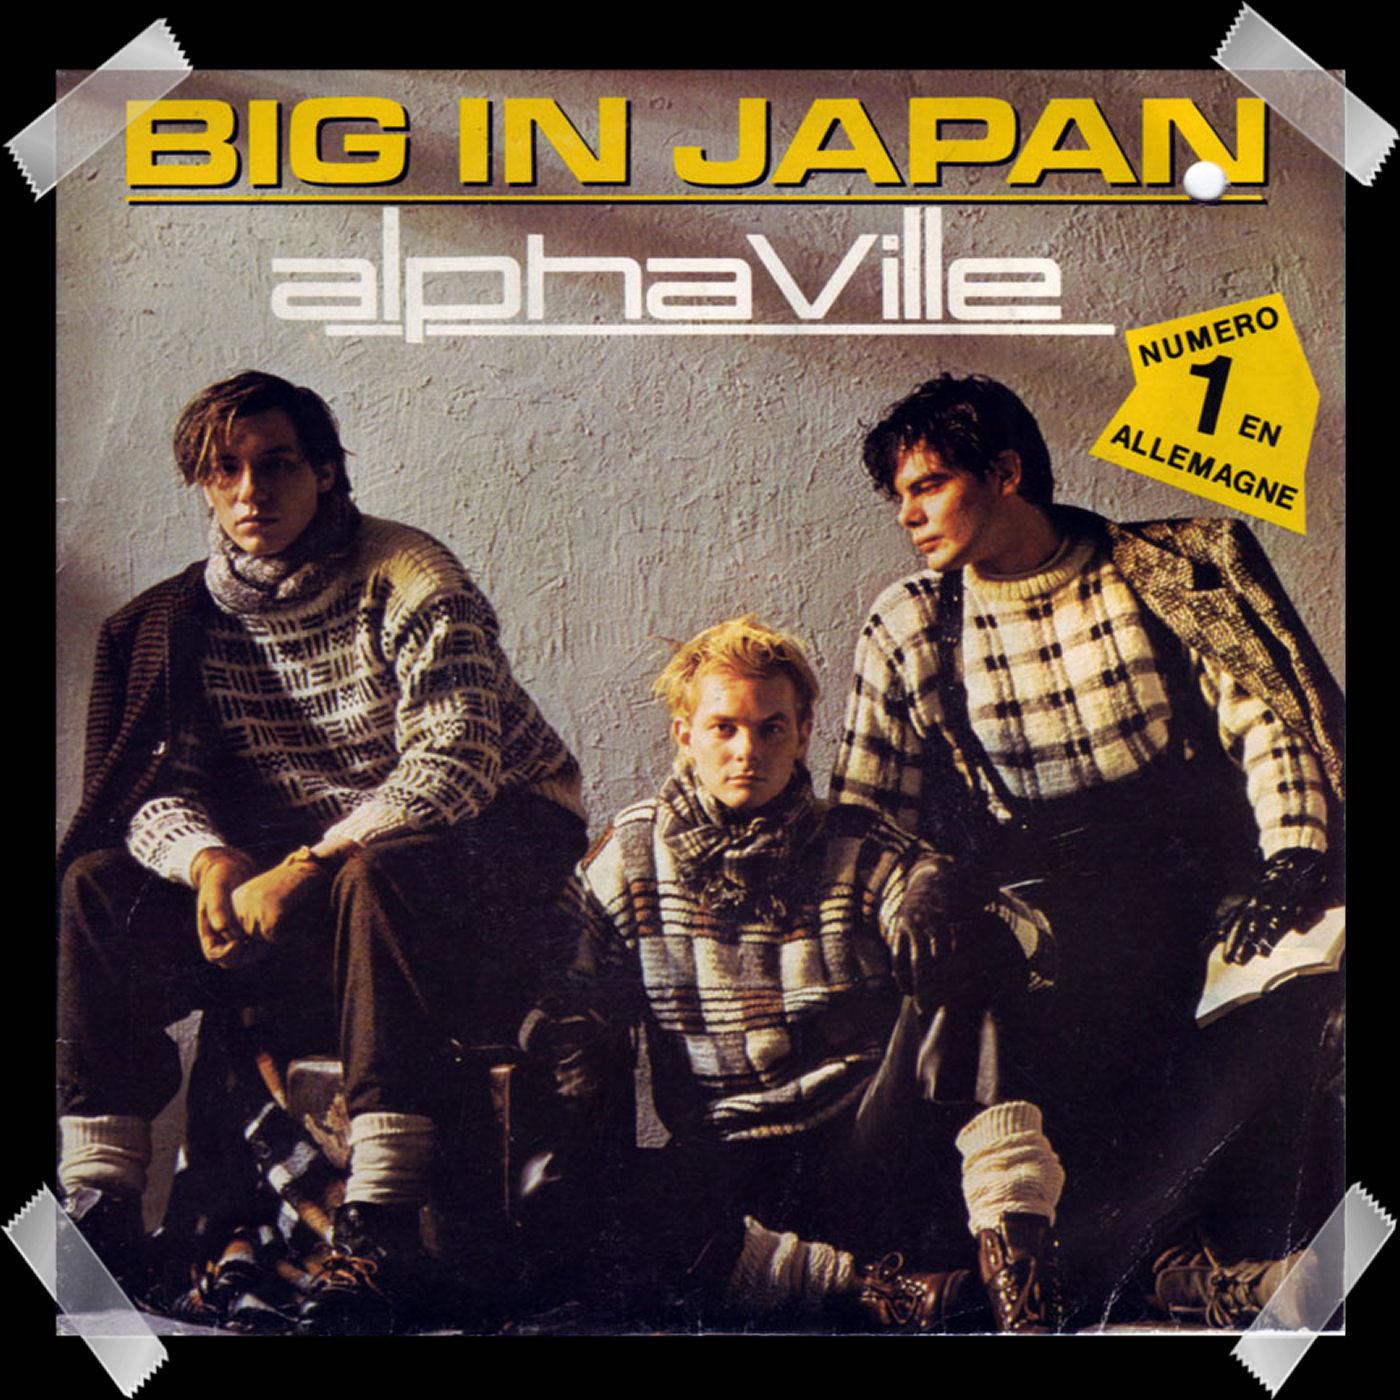 49. Alphaville - Big In Japan